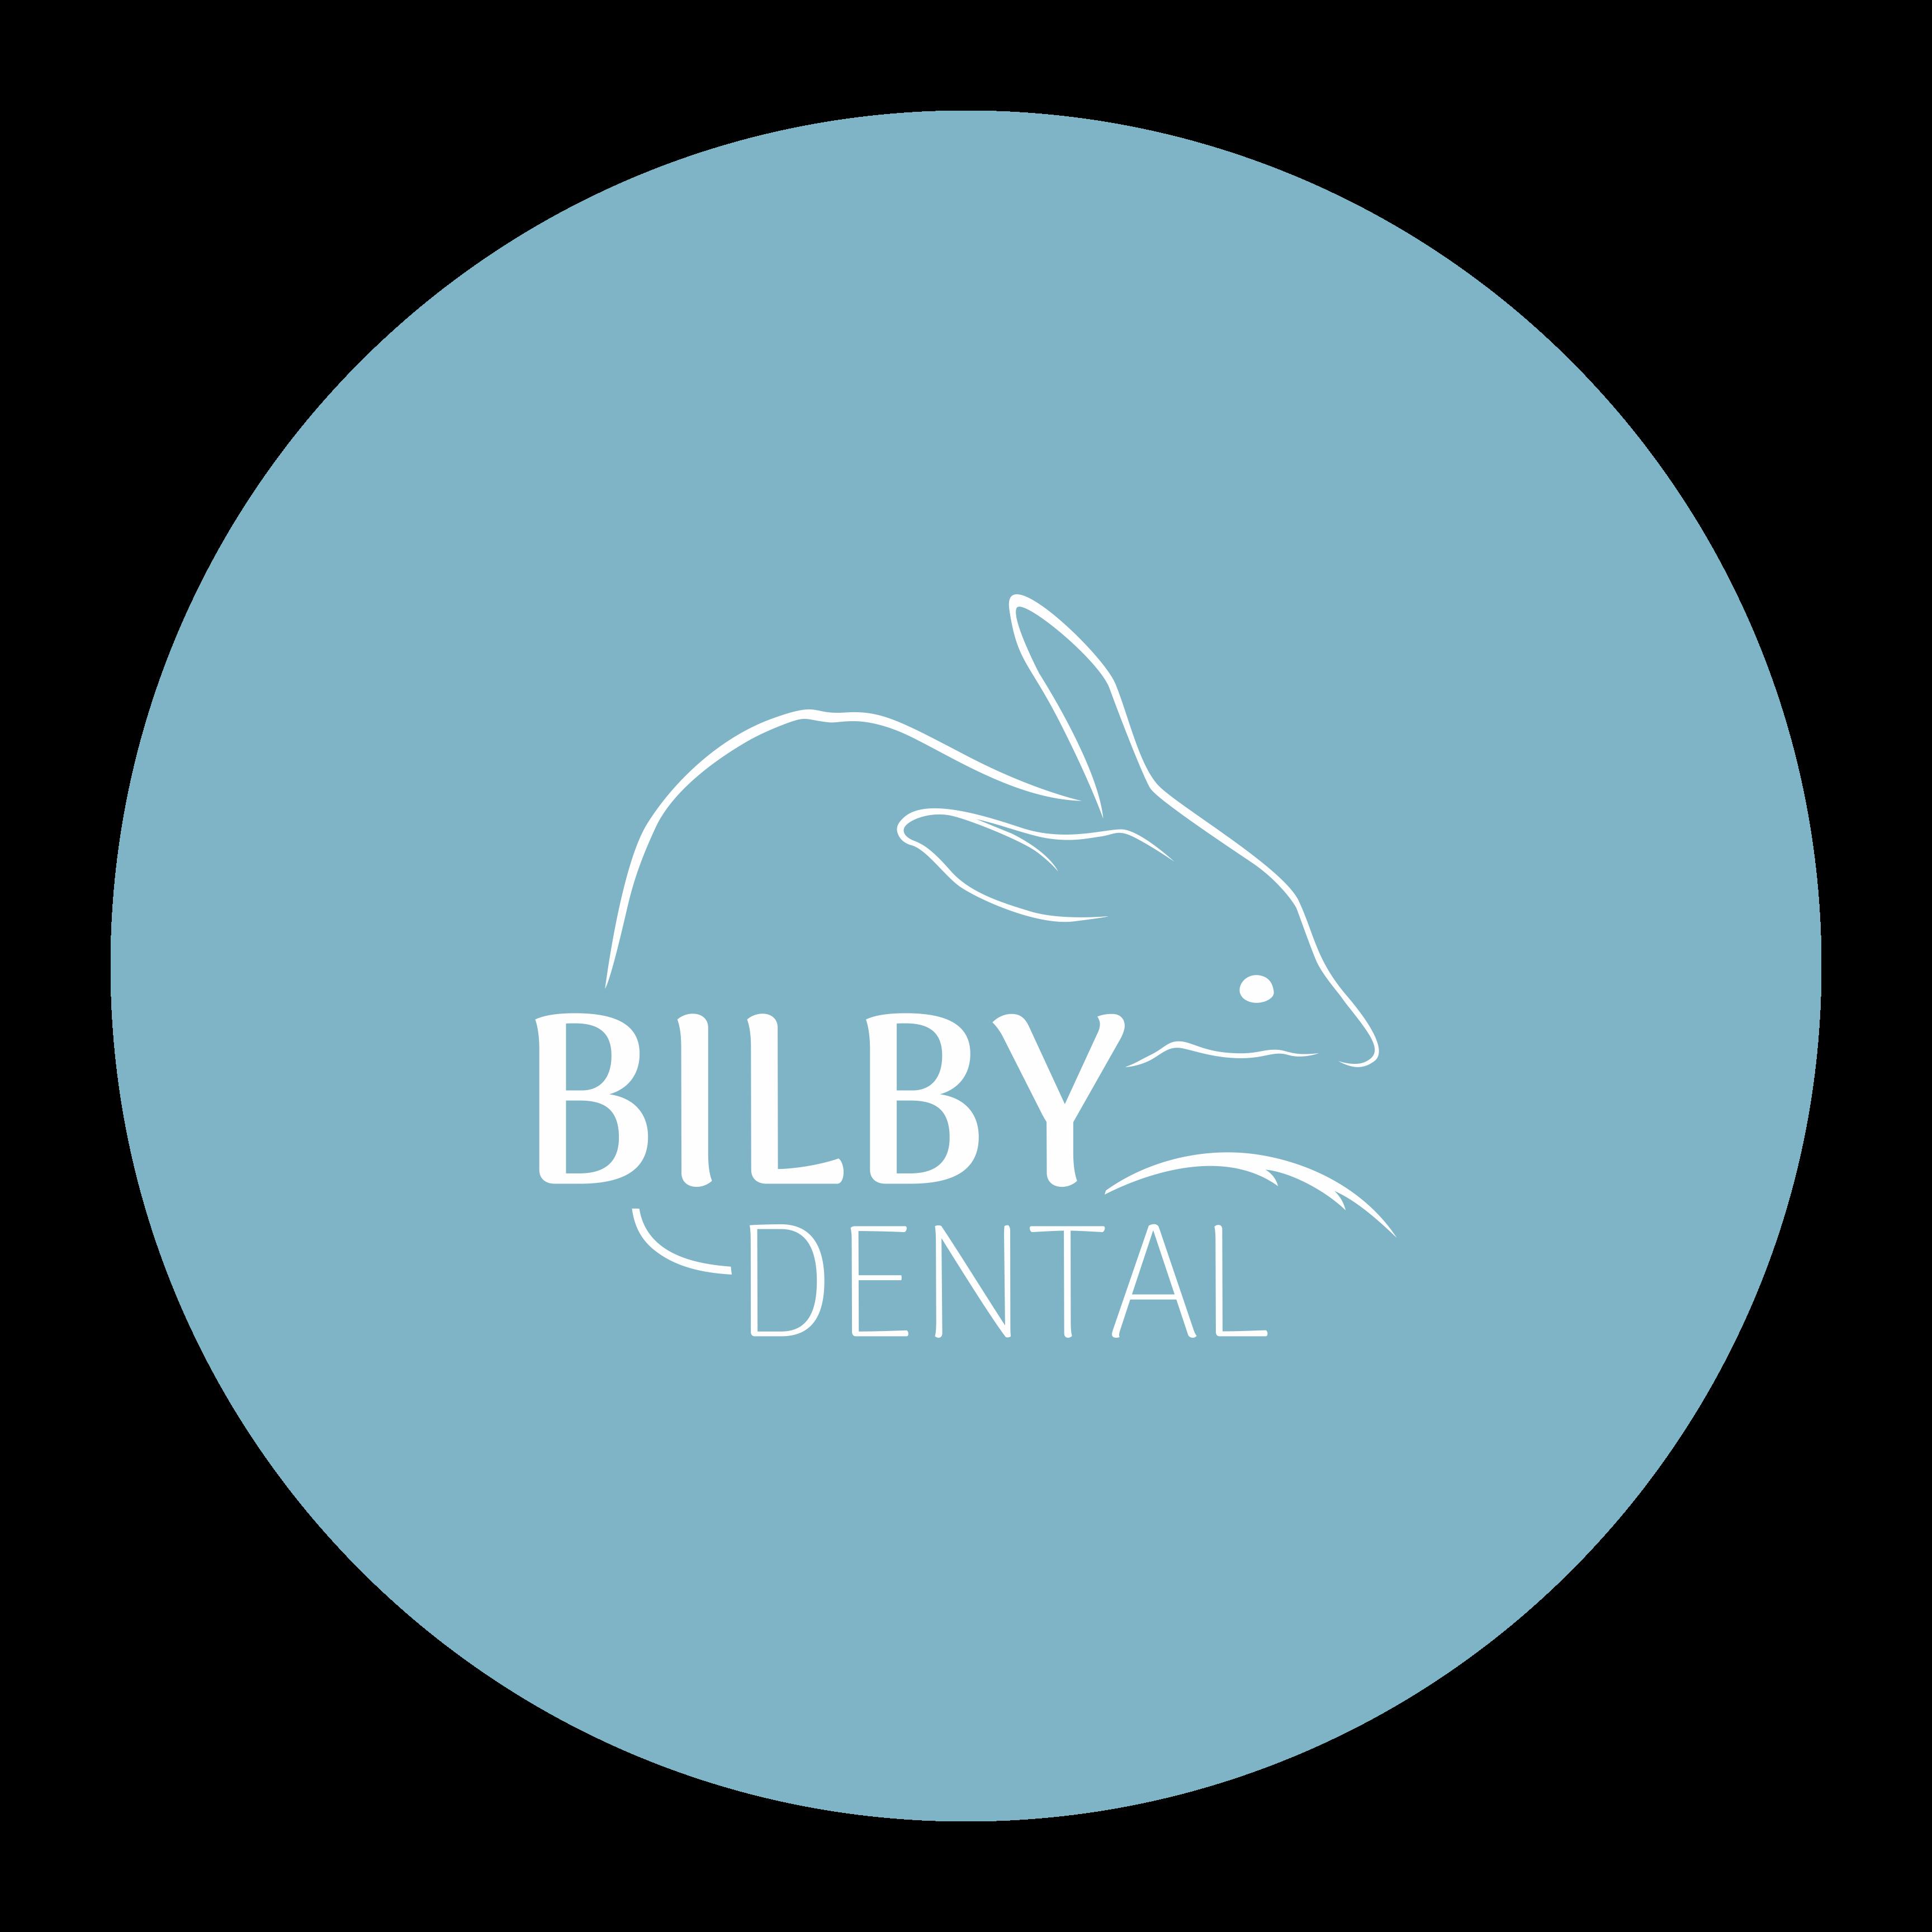 Bilby Dental